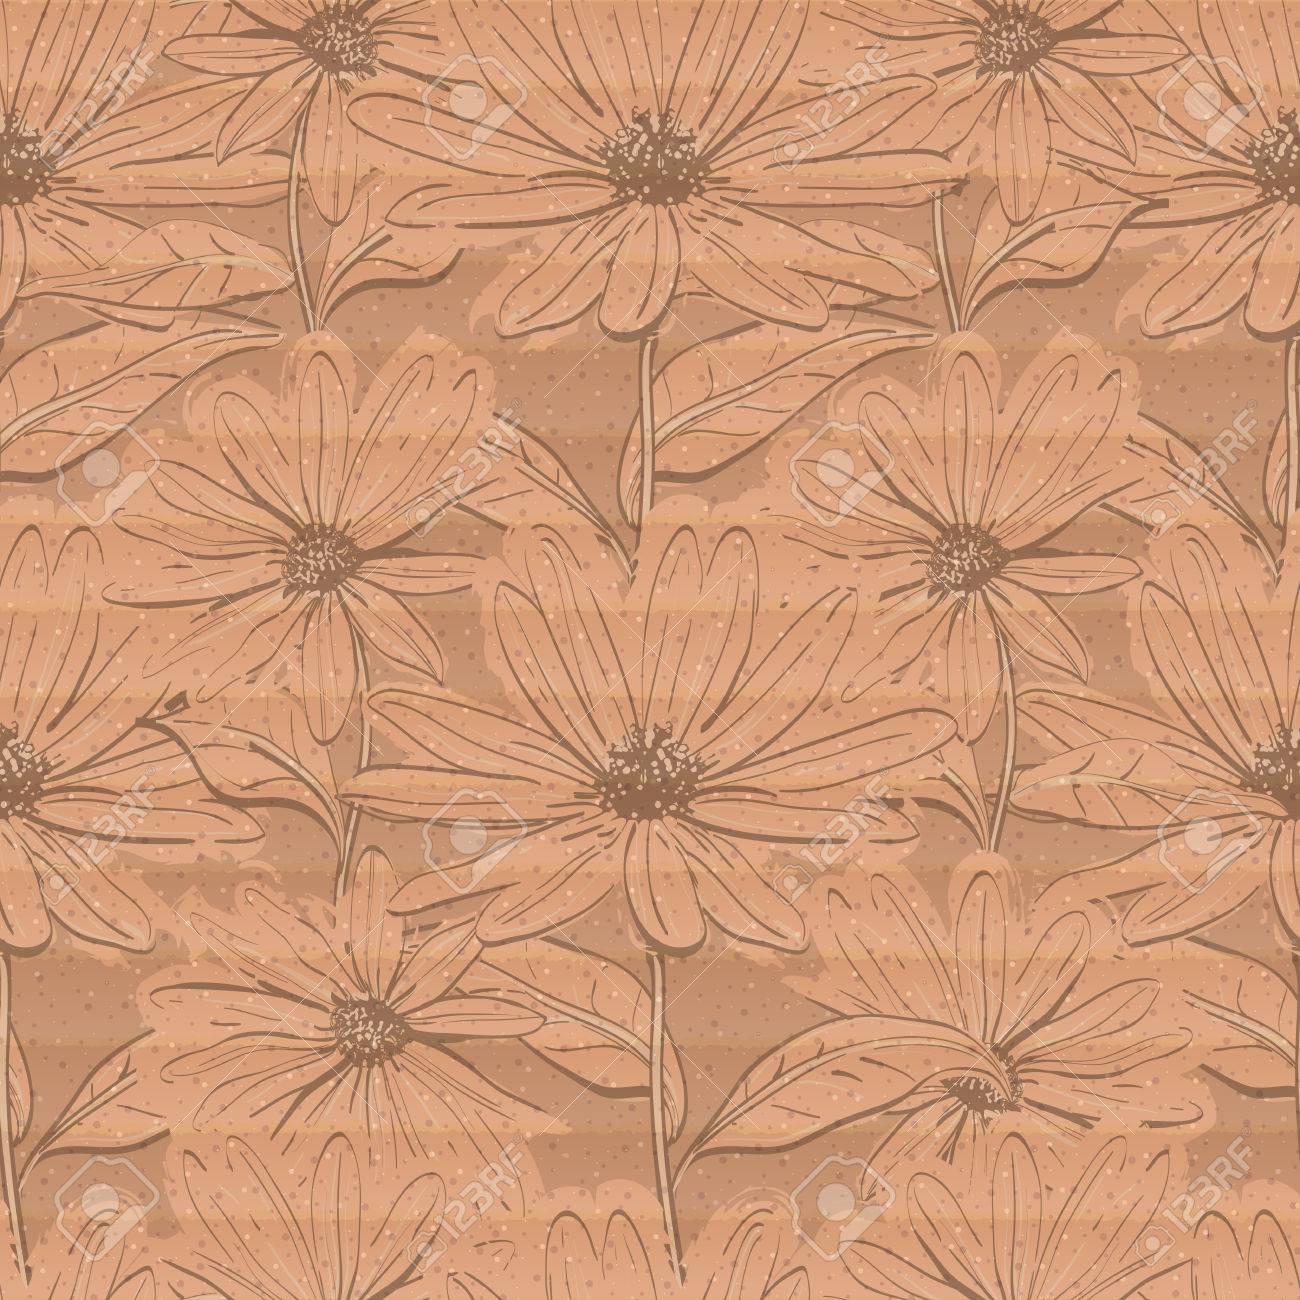 創造的な花の壁紙 段ボールの背景は ヒナギクの手描きの鎮静のシームレスなパターン パステル カラーの繊細な茶色の紙テクスチャ ベクトル イラストのイラスト素材 ベクタ Image